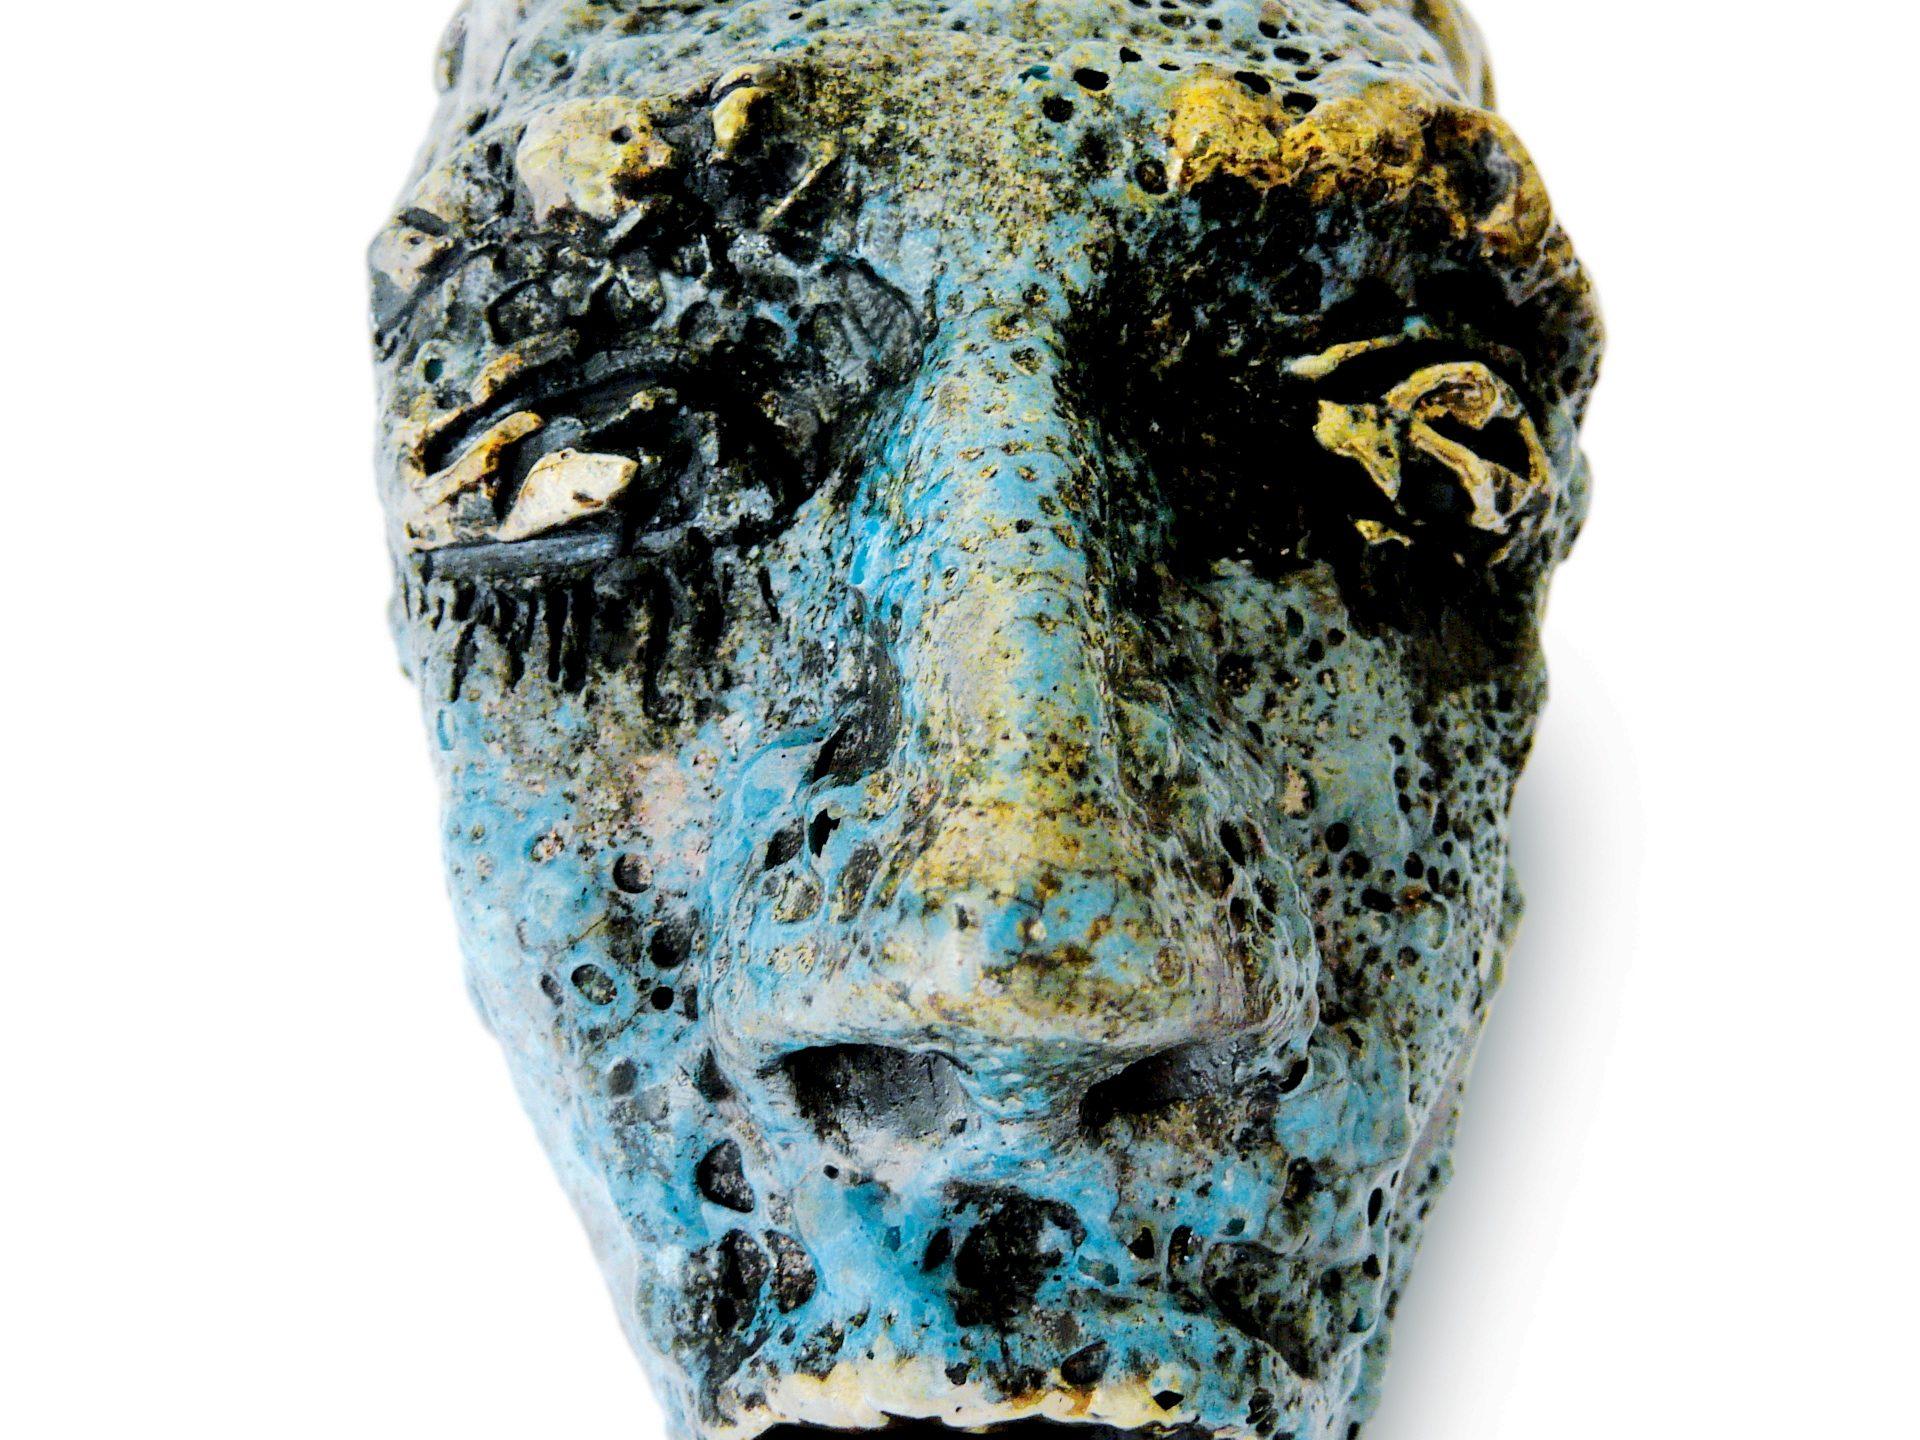 Tétro - Grès - Cuisson Raku - Sculptures céramique de Florence Lemiegre